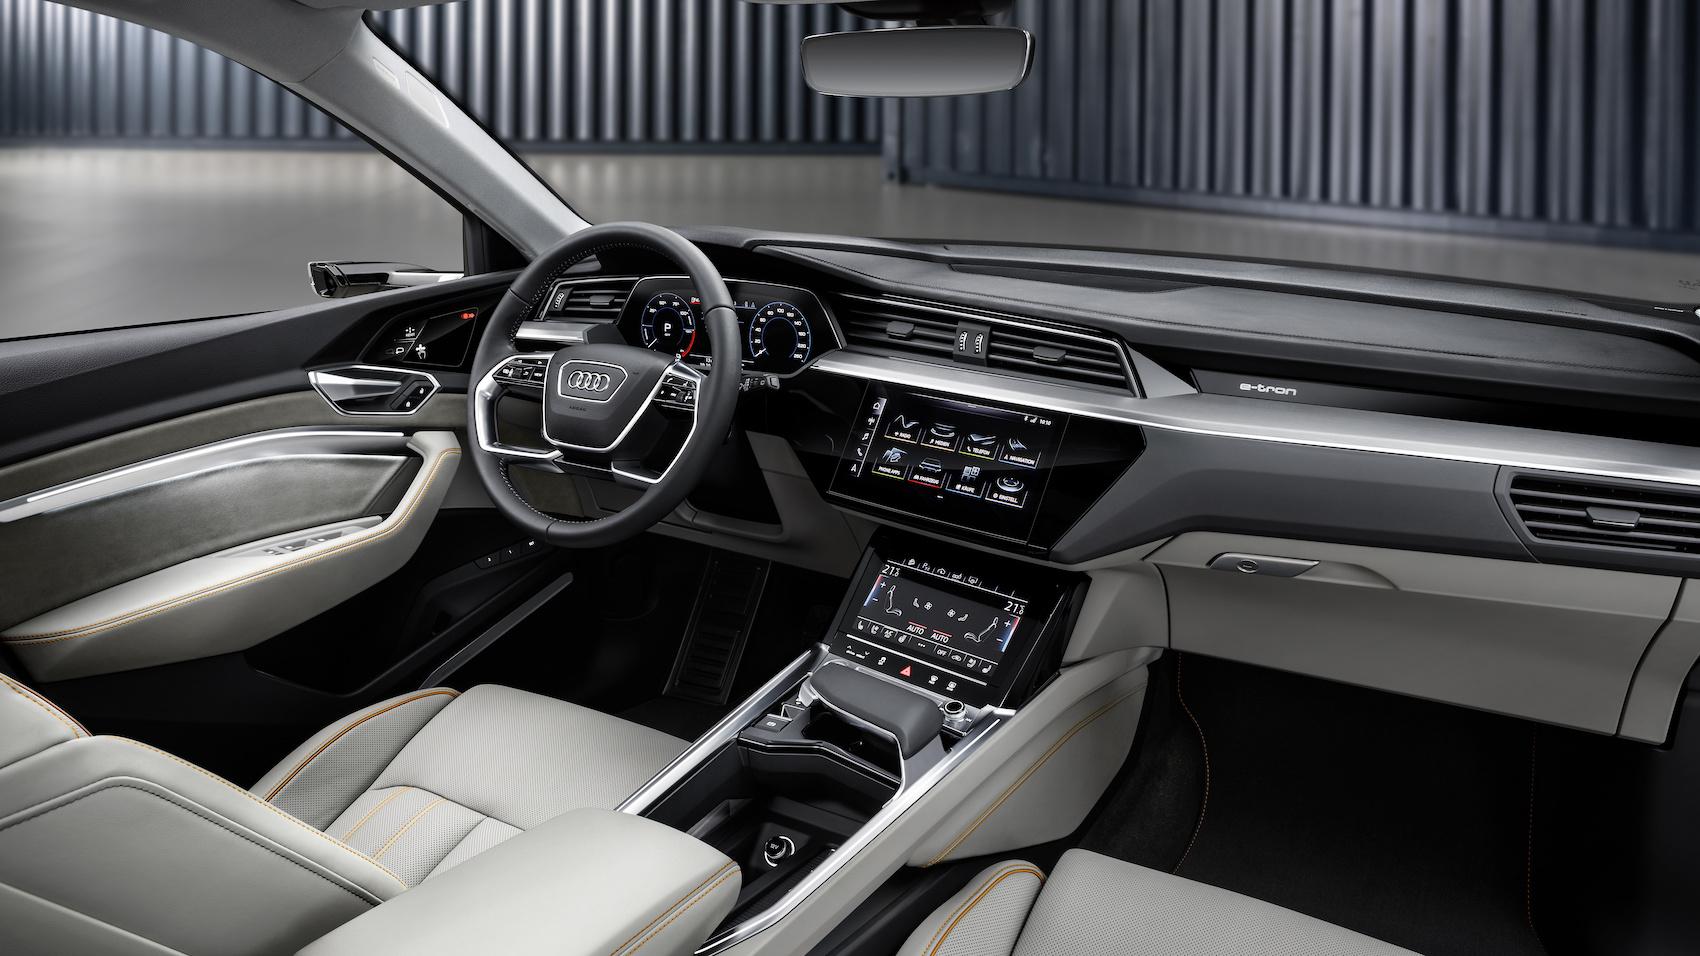 Der Audi e-tron besticht durch neu interpretierte, markentypische Formensprache, stilprägende Details, volle Vernetzung und Audi virtual cockpit.